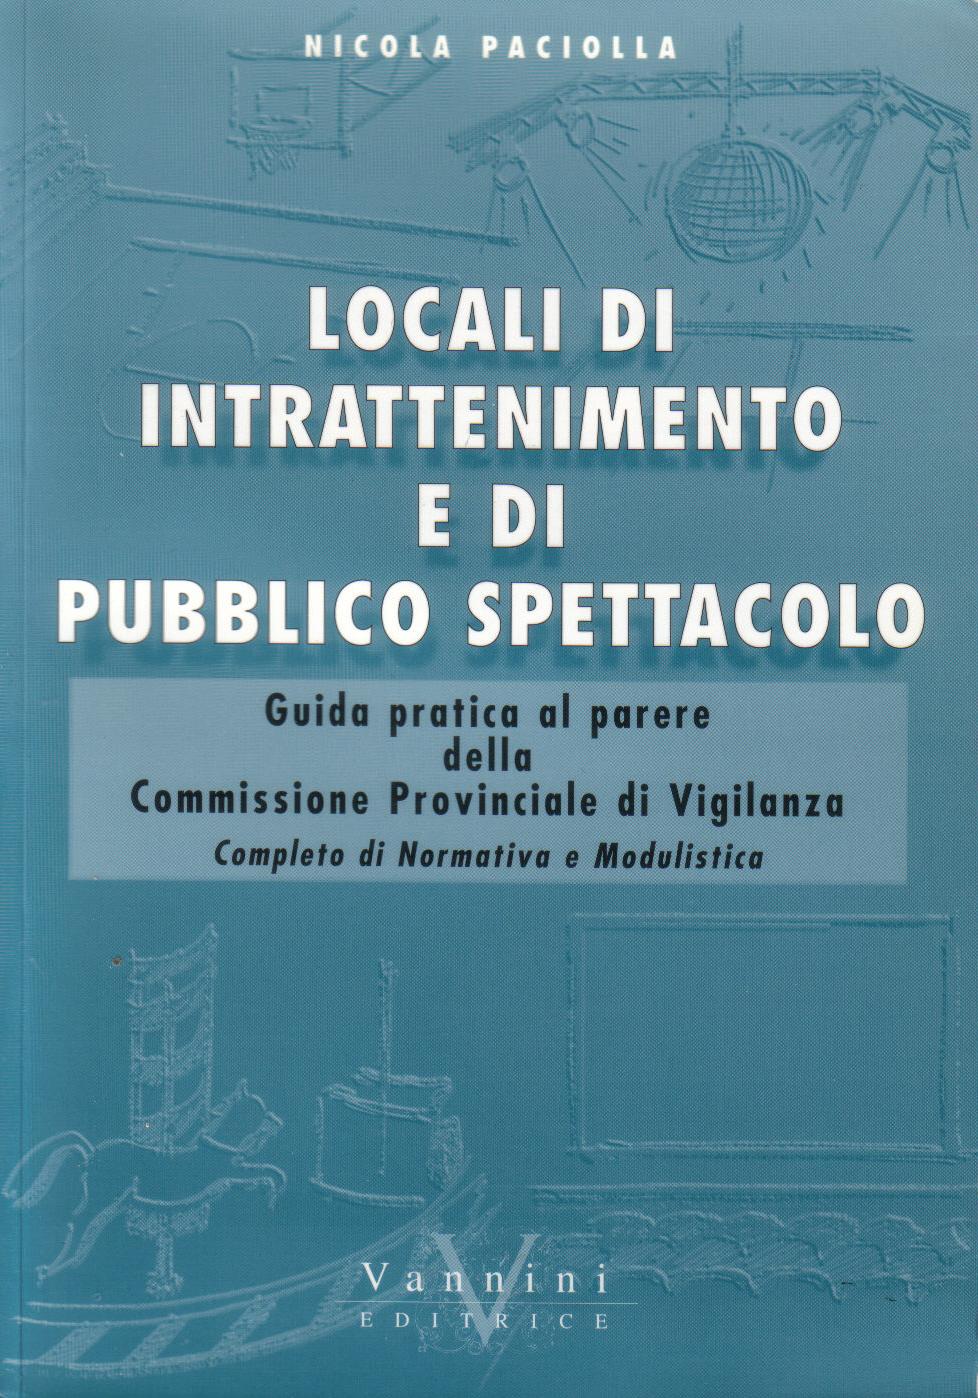 Locali di intrattenimento e di pubblico spettacolo